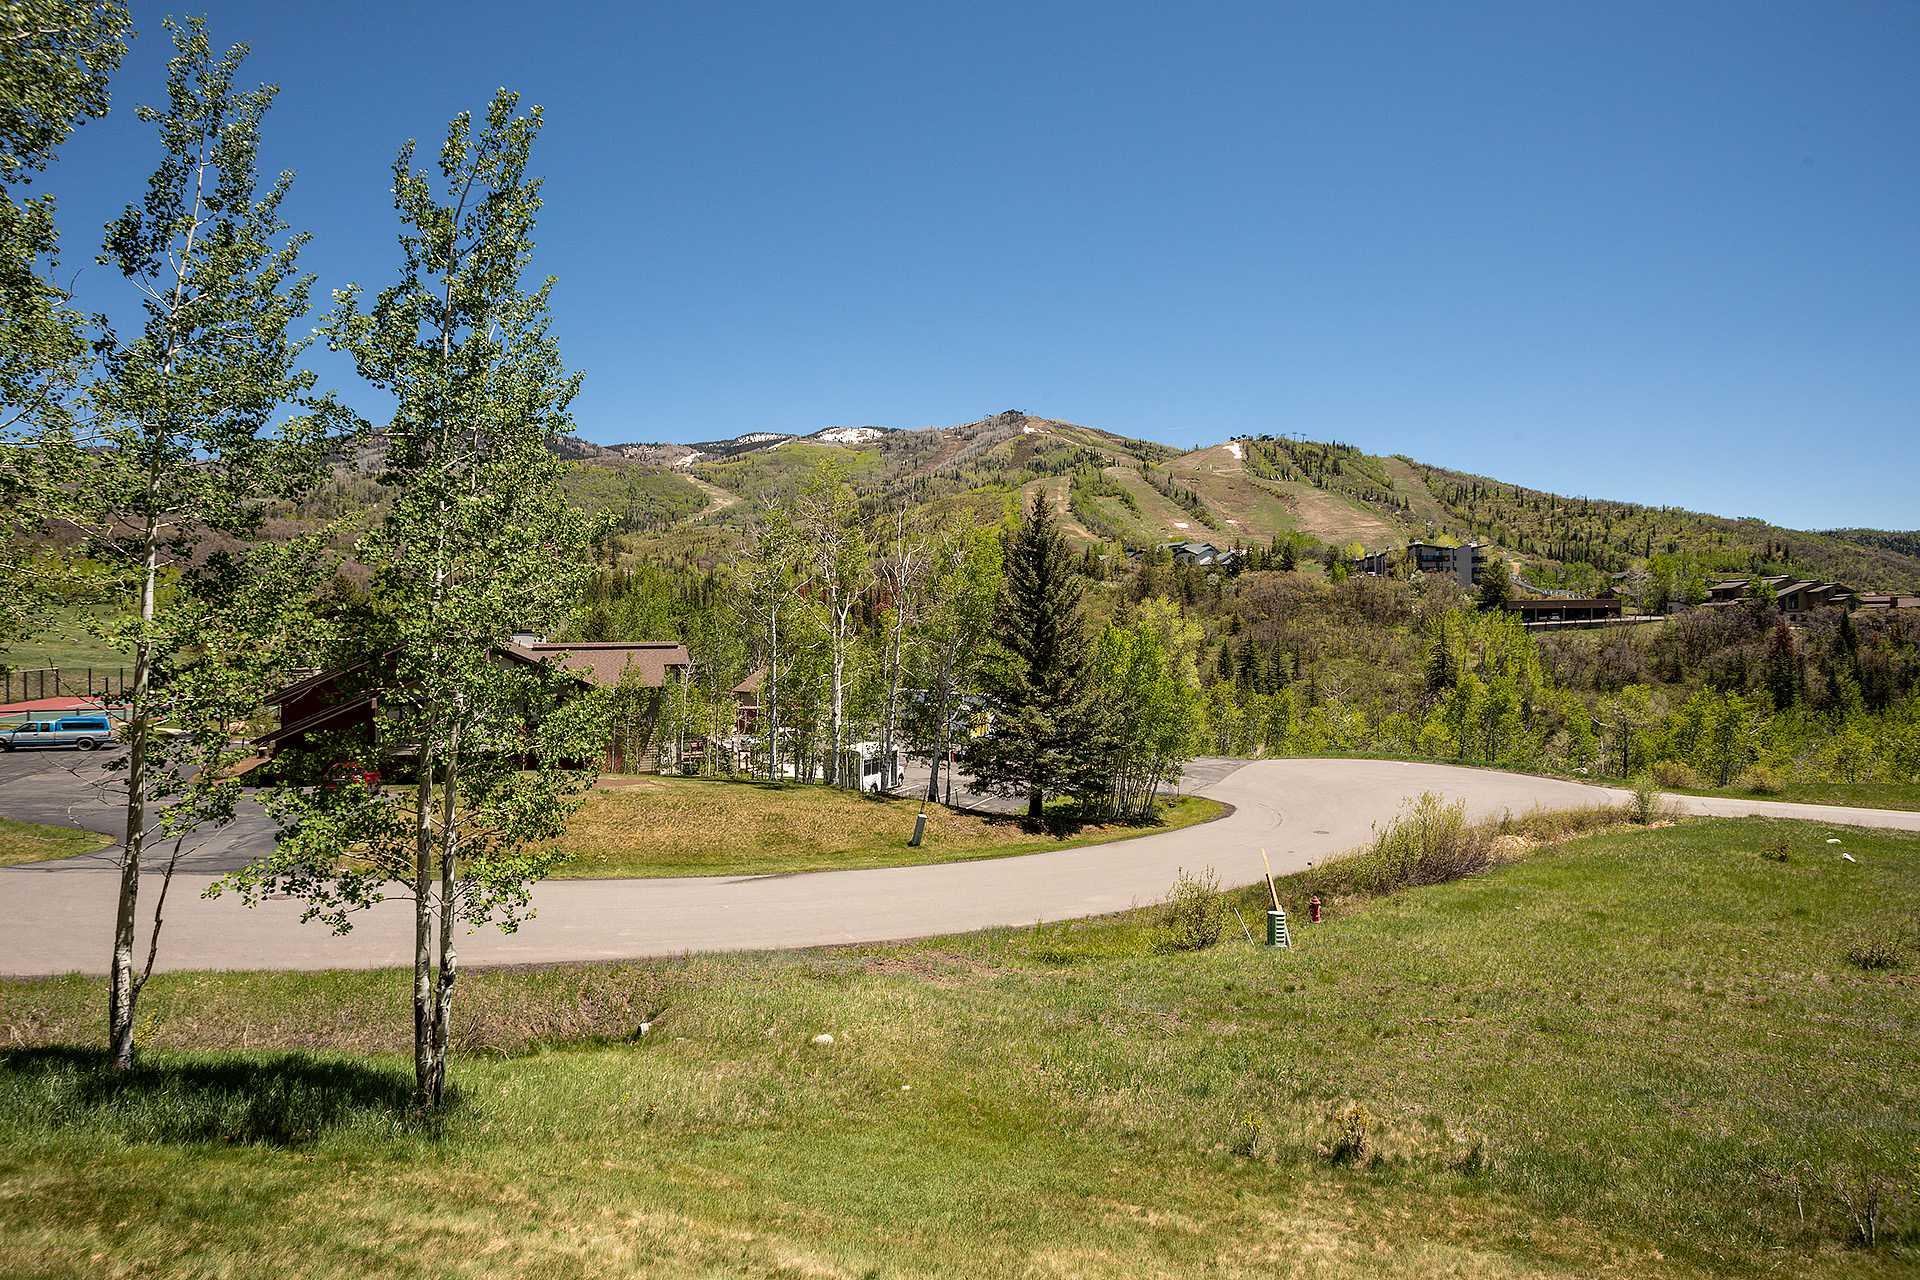 RA605: Ranch at Steamboat